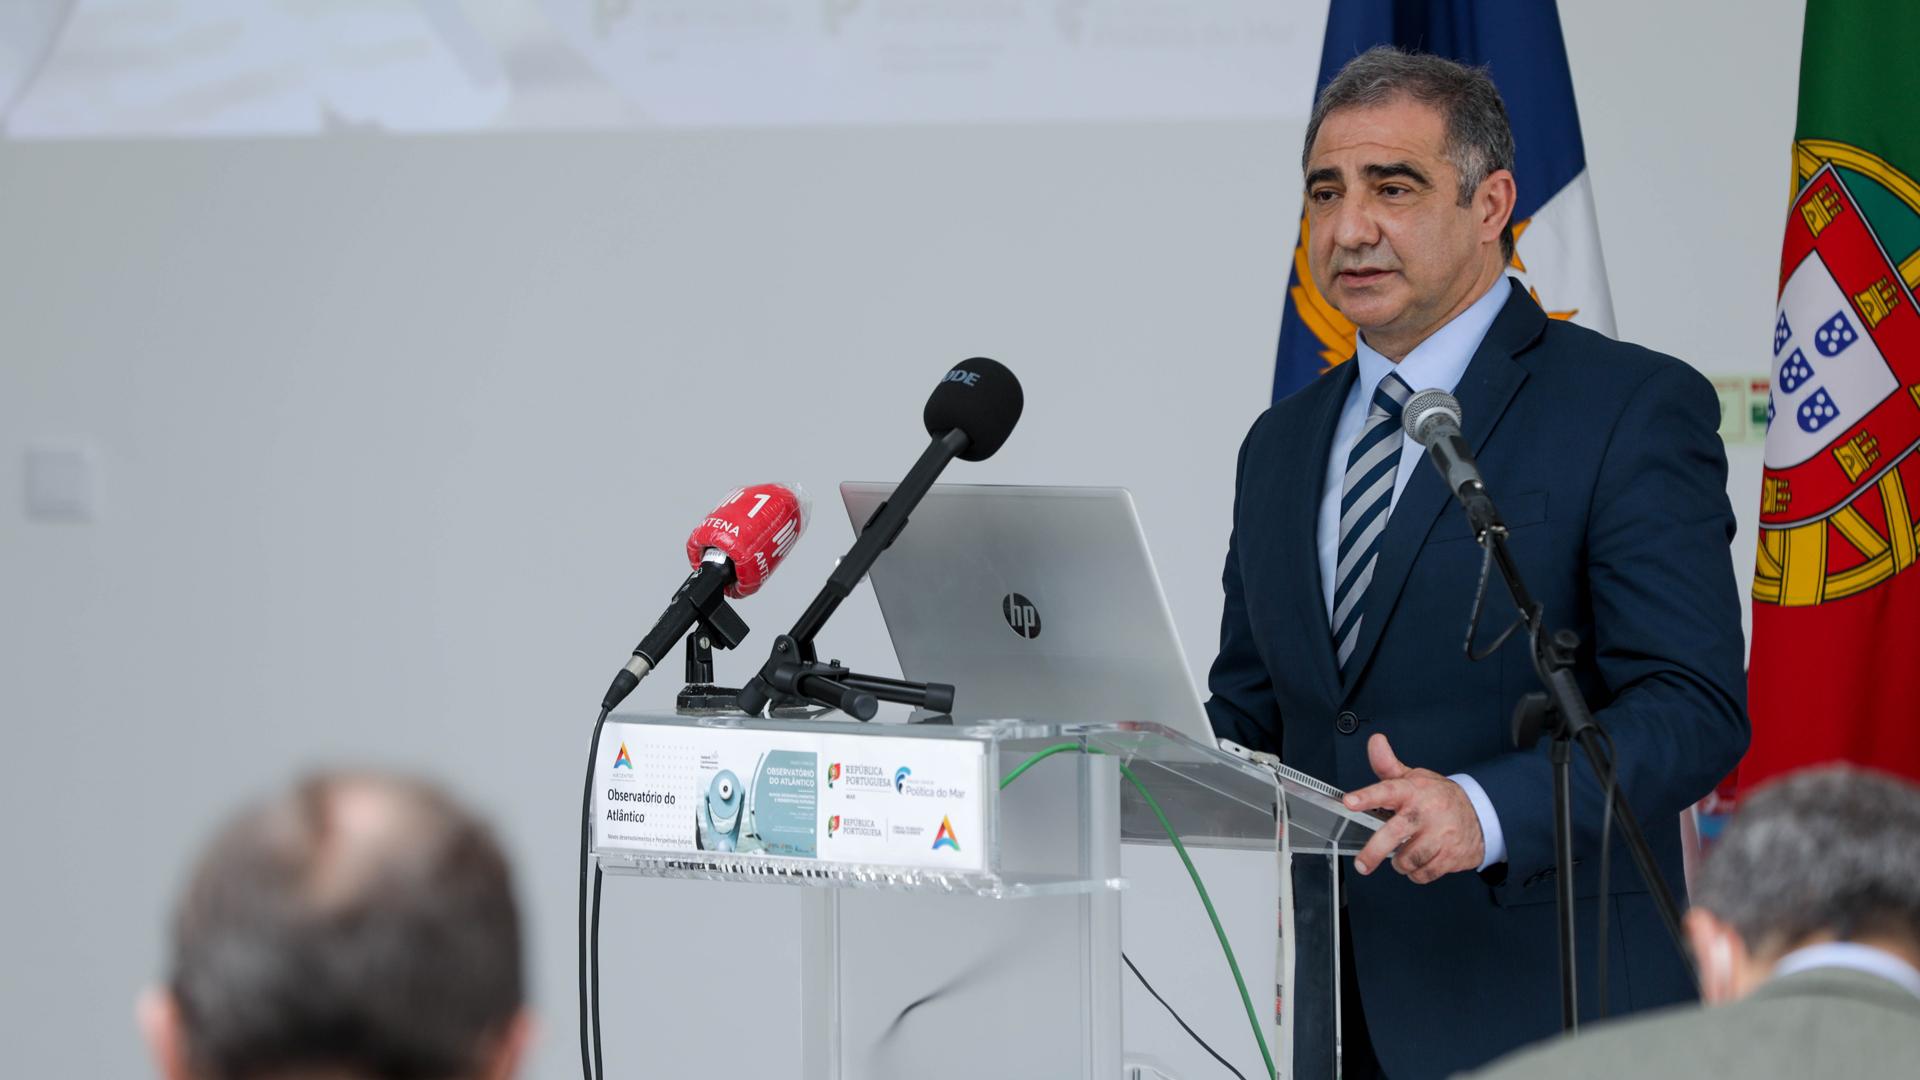 Intervenção na sessão pública do AIR Centre: Novos desenvolvimentos e Perspetivas futuras